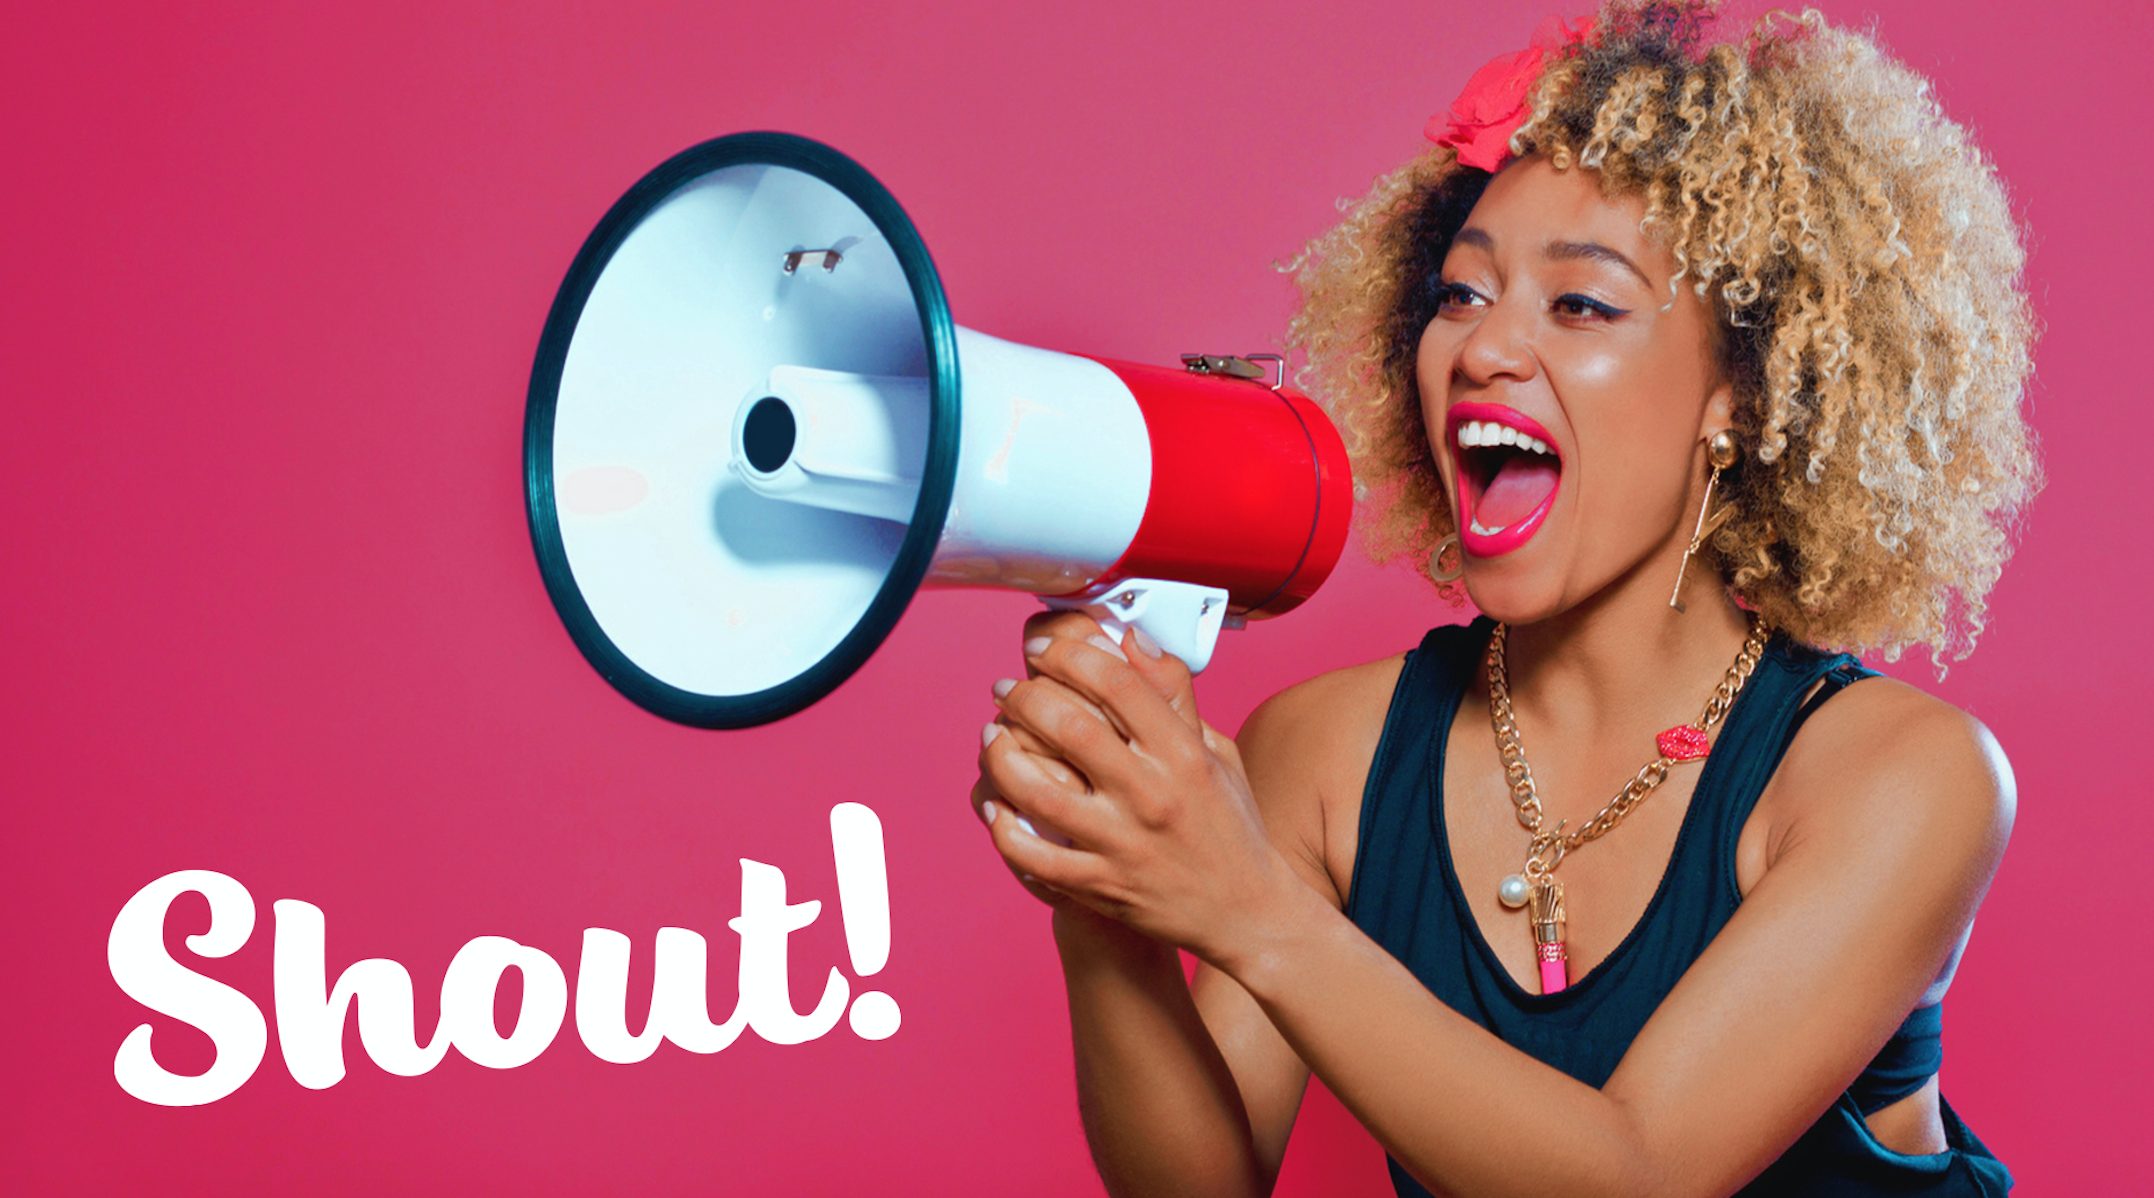 Love2shop launches new employee recognition platform 'Shout!'